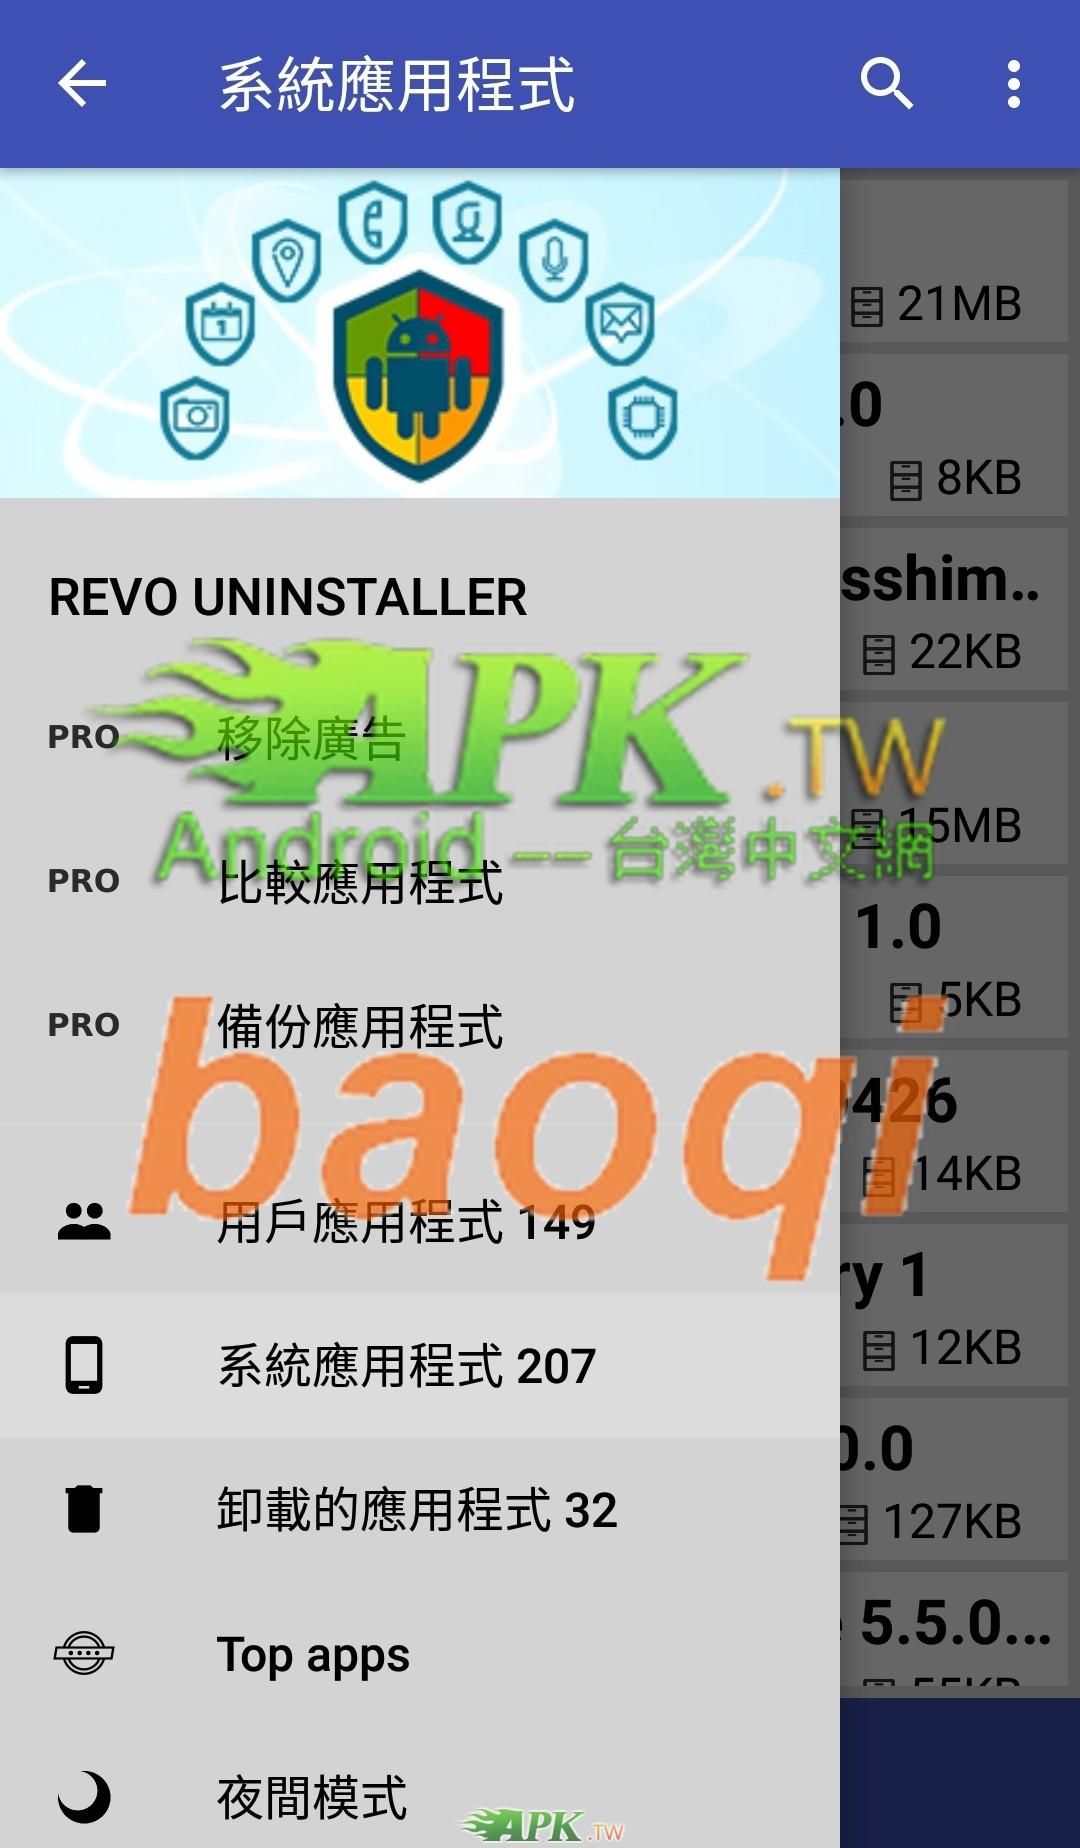 RevoUninstaller__1_.jpg